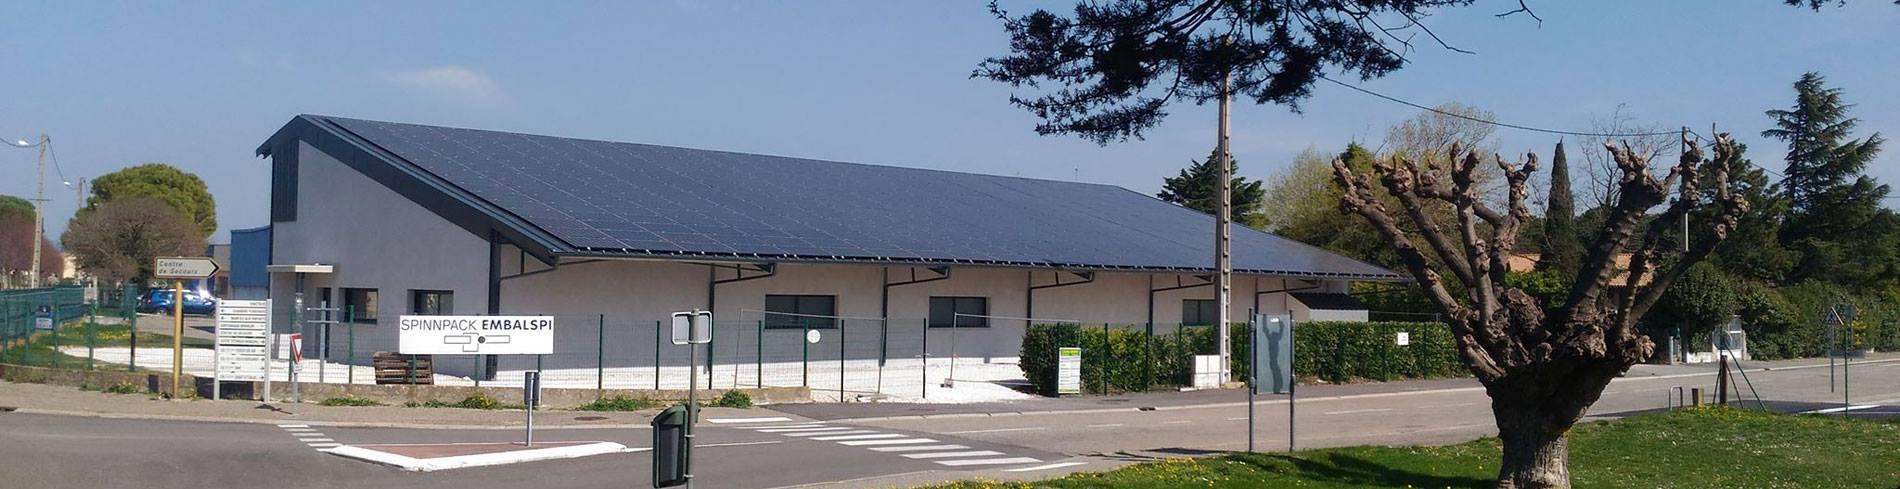 hangar photovoltaique la reunion eco solution energie